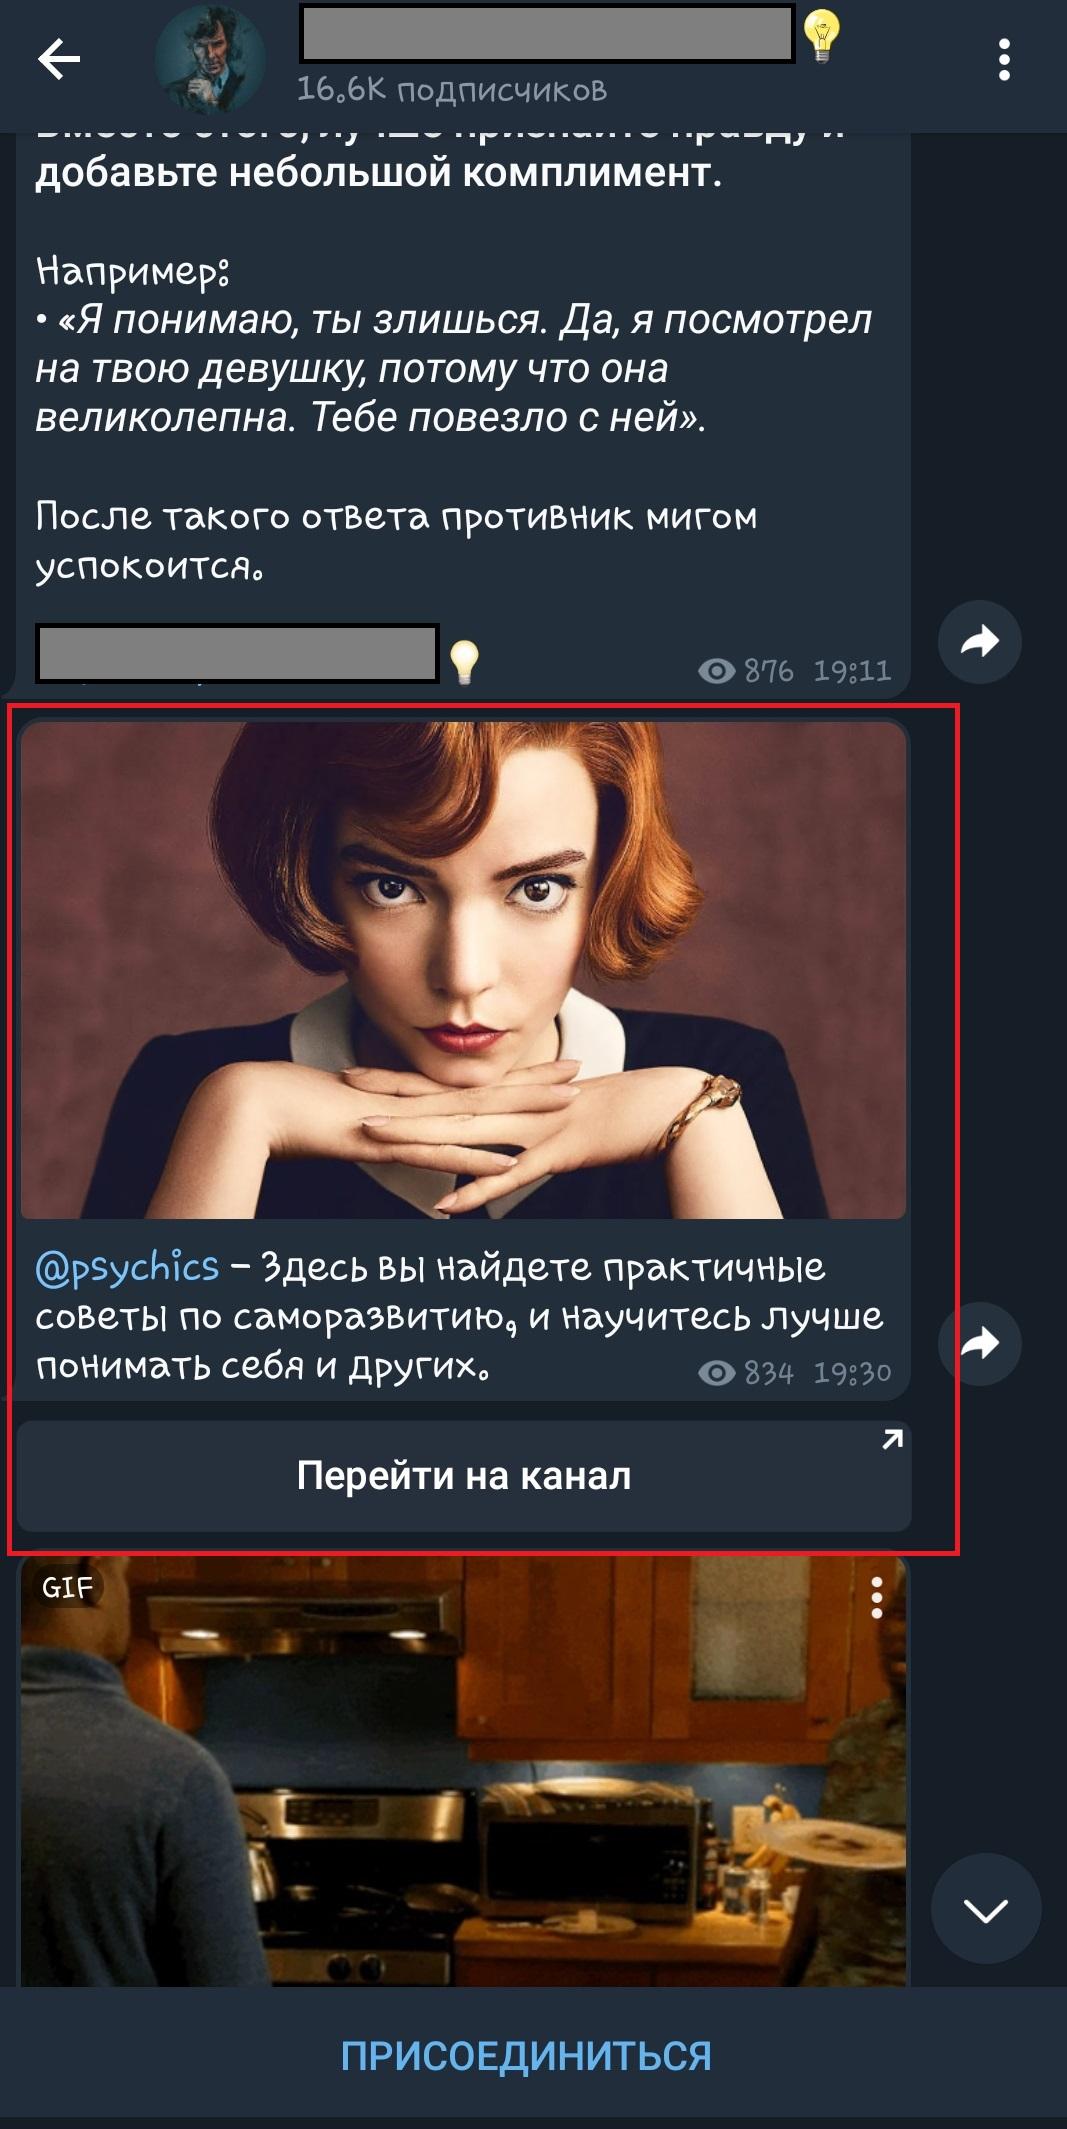 Рекламный пост.jpg